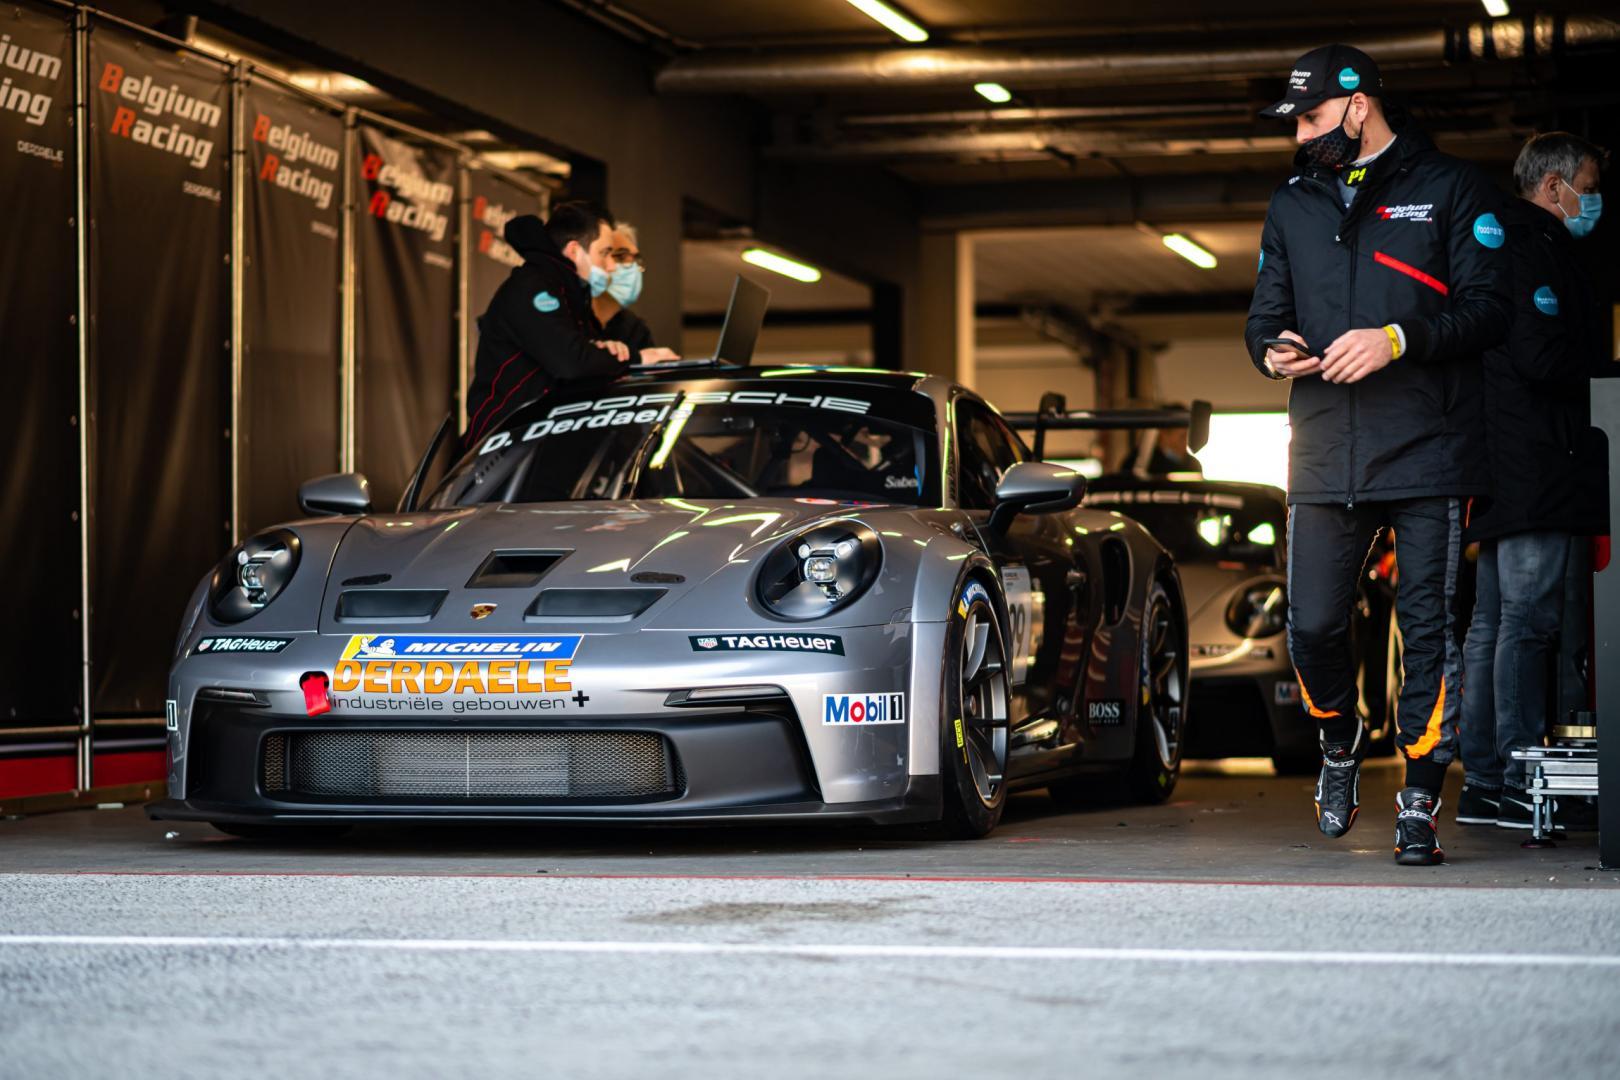 Porsche 911 GT3 Cup (992) in de pitbox in de pitstraat van Zandvoort